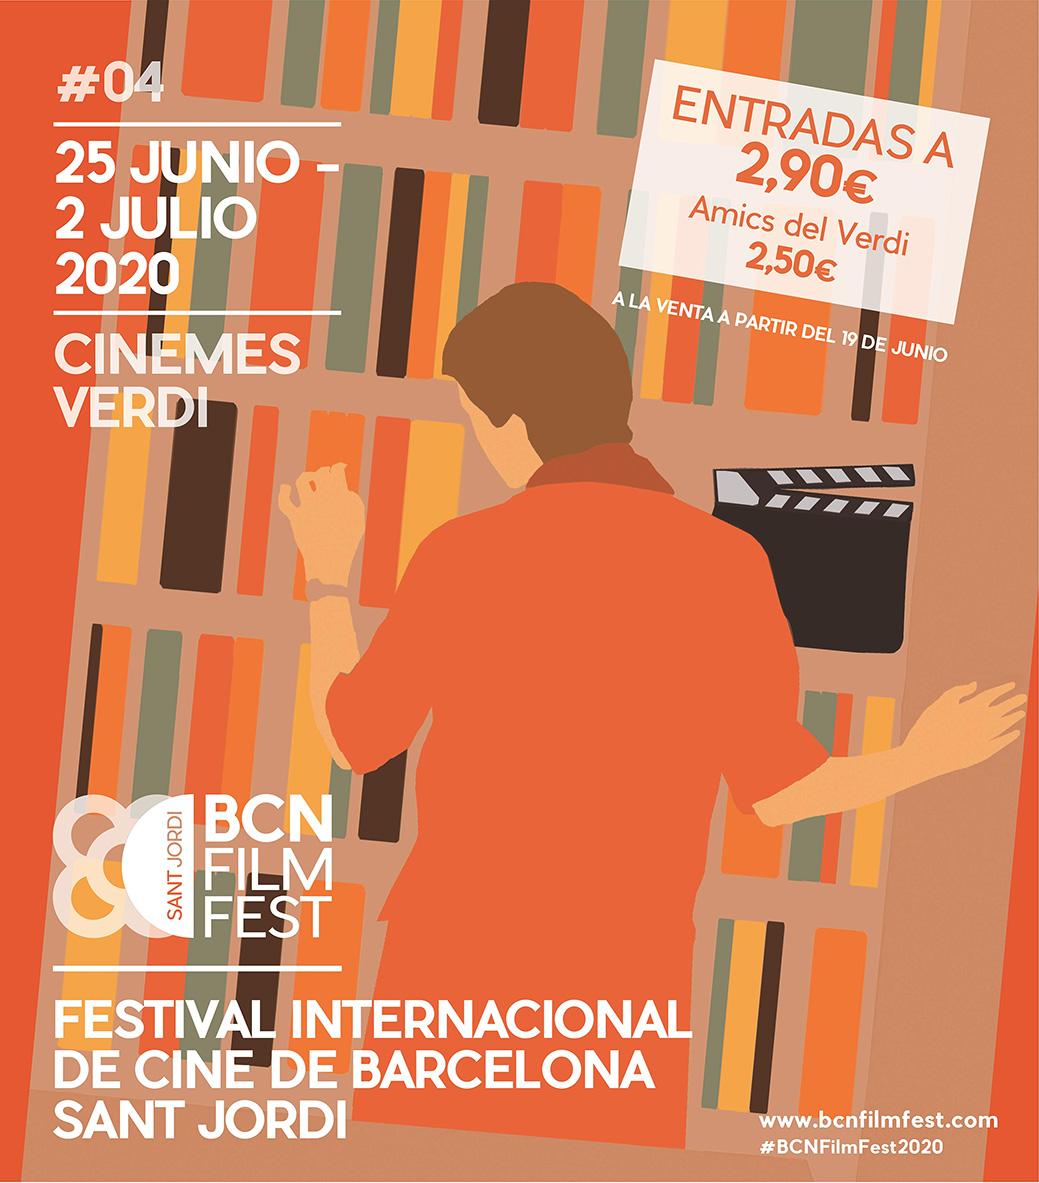 El BCN Film Fest celebra su edición de 2020 en verano